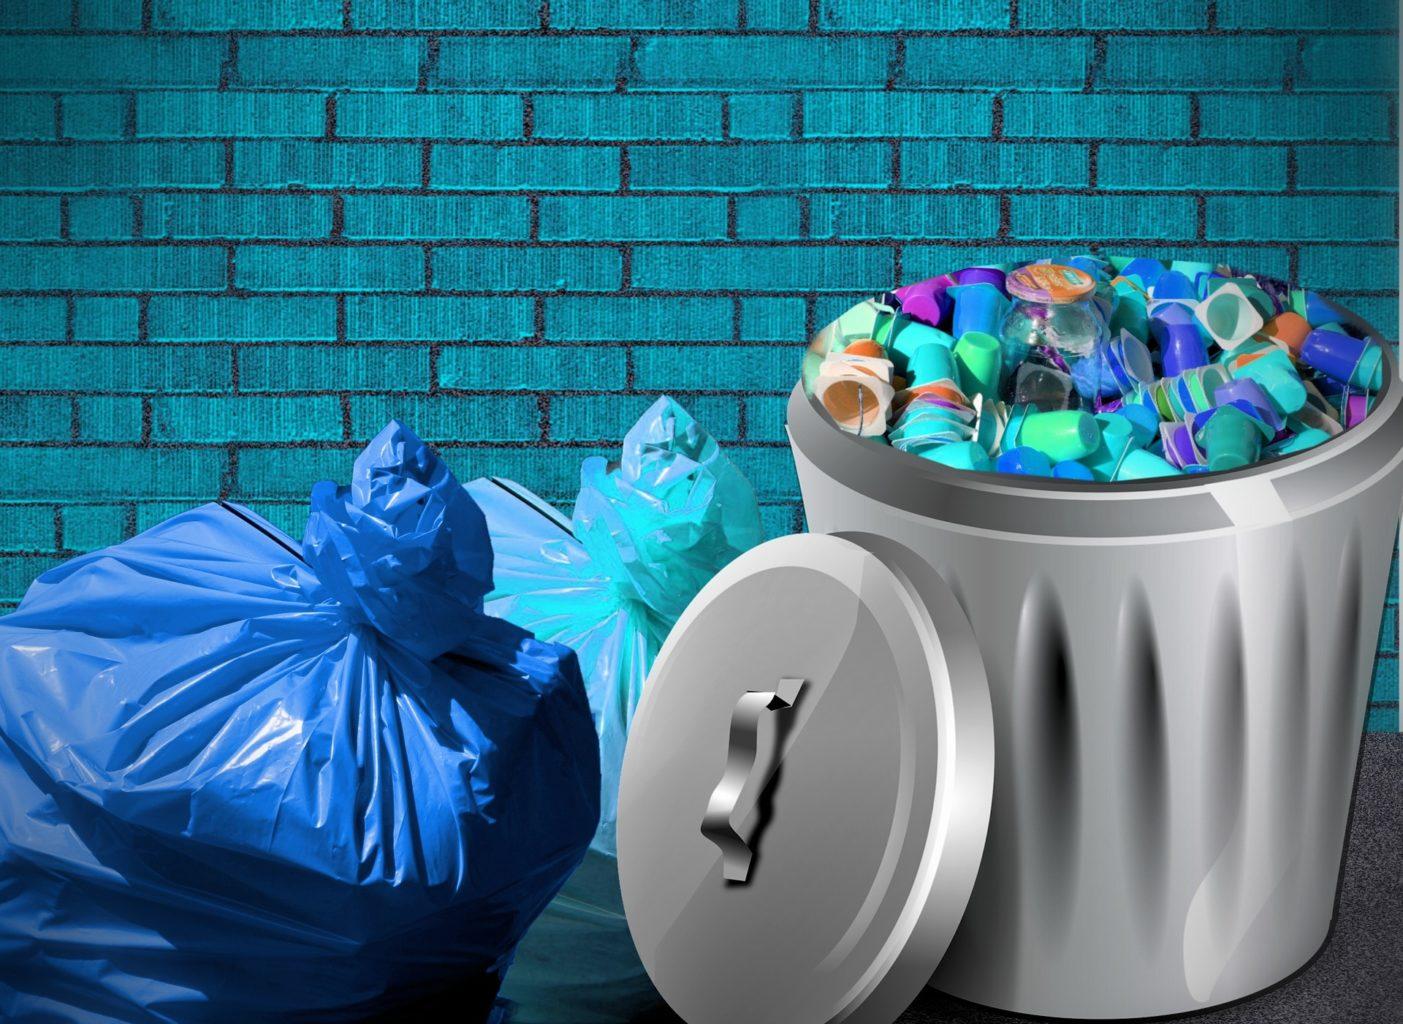 Comment la ville de demain va optimiser la gestion des déchets